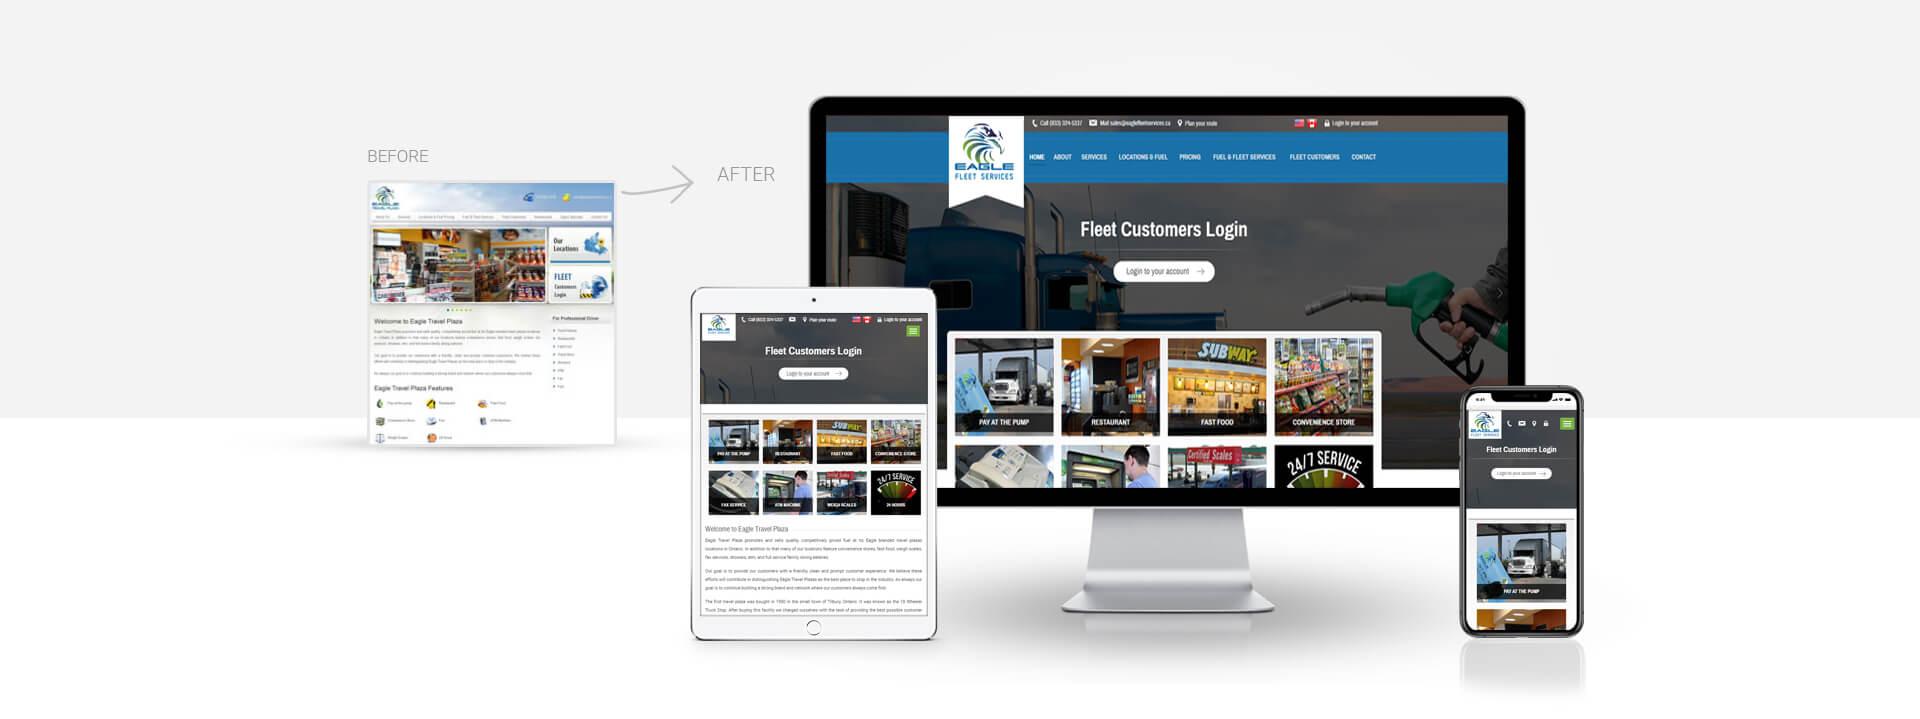 Wordpress Fuel, Fleet Services website